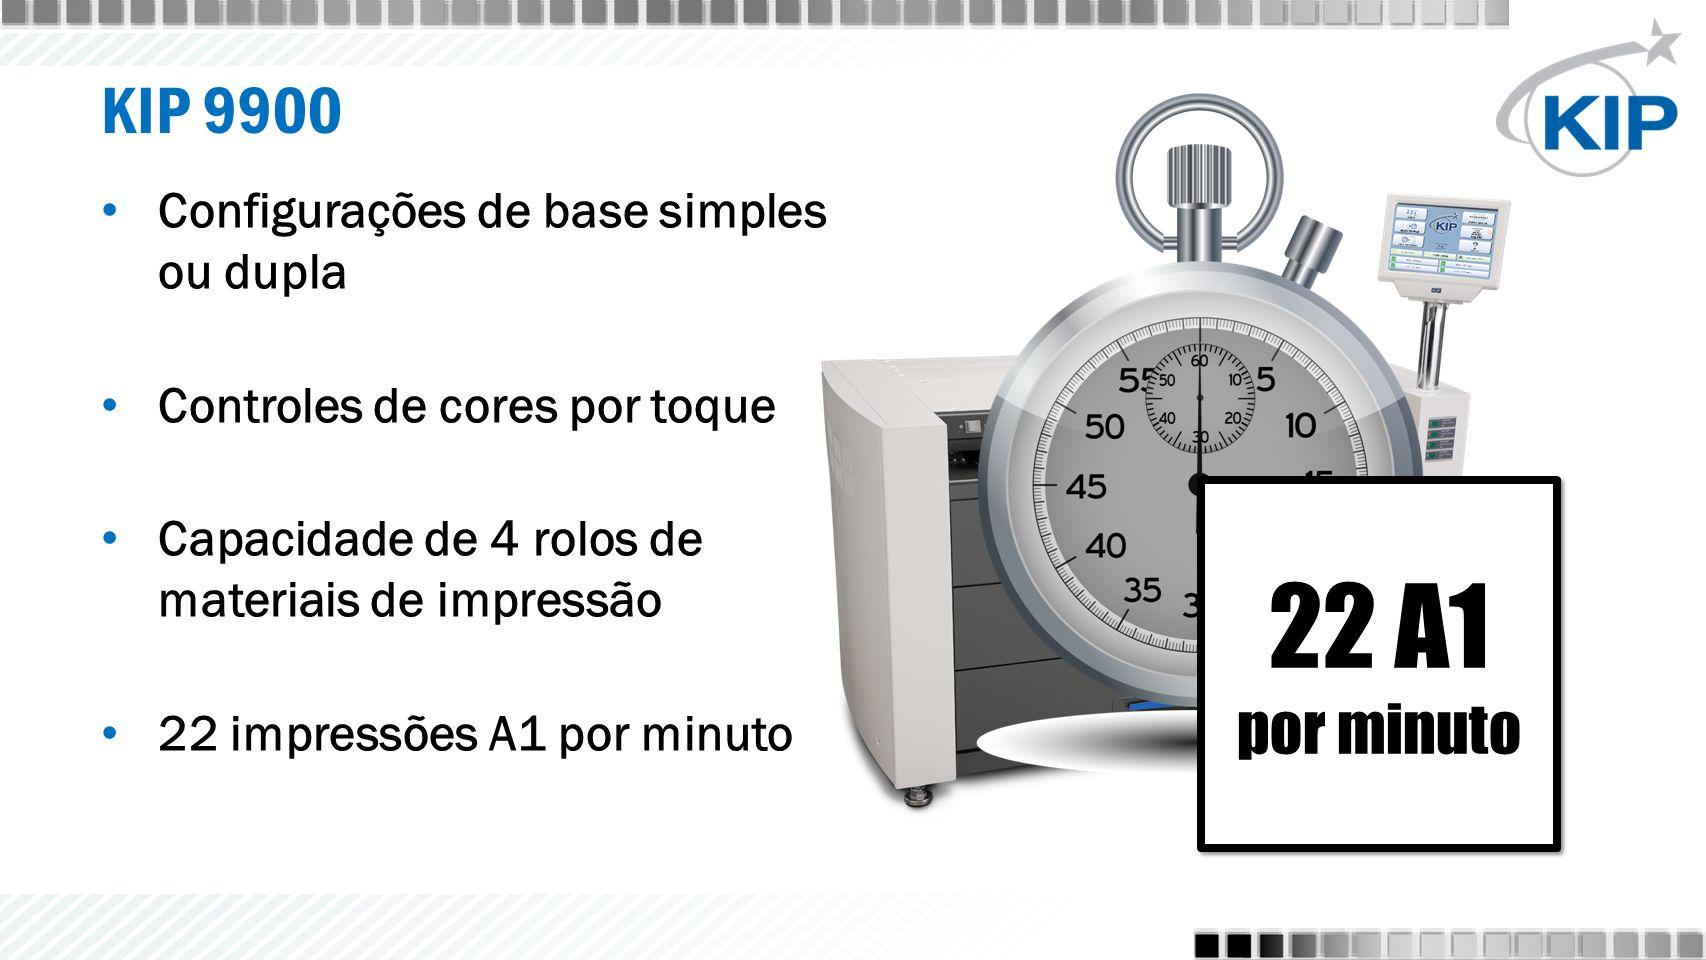 KIP 9900 Configurações de base simples ou dupla Controles de cores por toque Capacidade de 4 rolos de materiais de impressão 22 impressões A1 por minuto 22 A1 por minuto 22 A1 por minuto